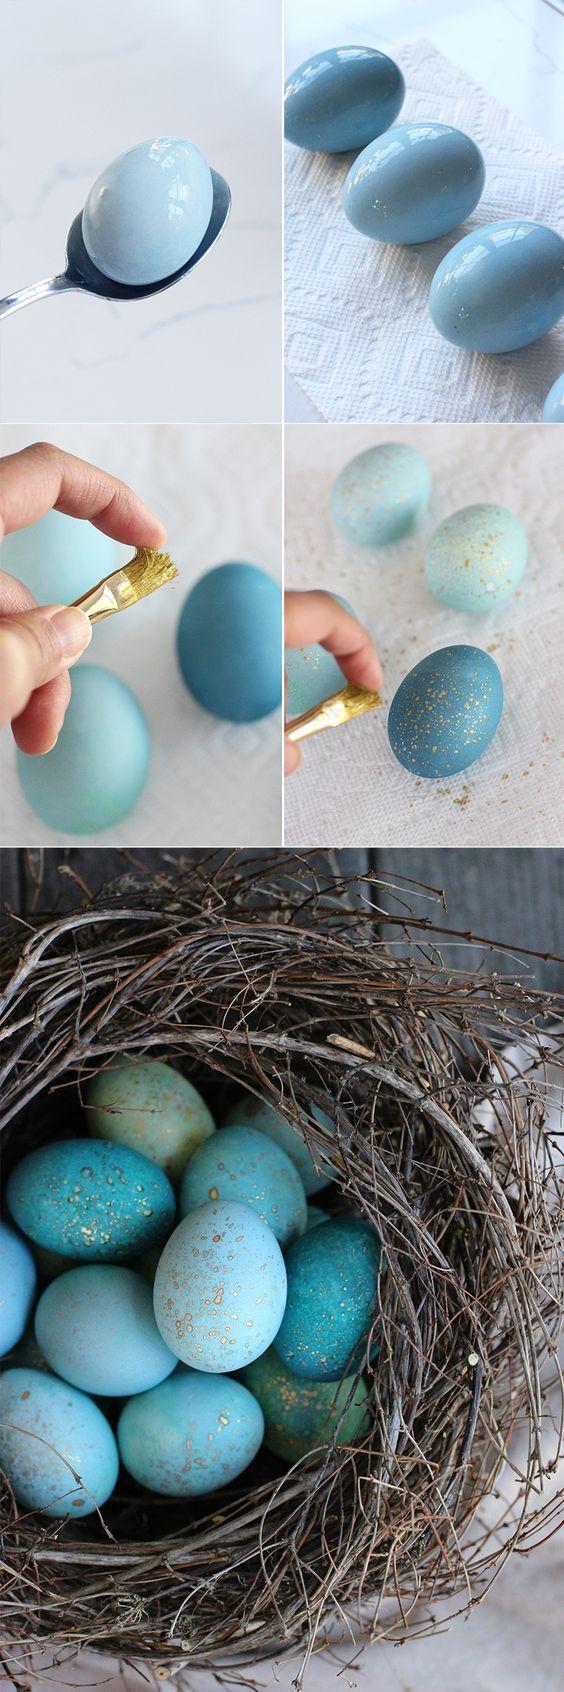 Goldgesprenkelte Eier - Ostereier basteln